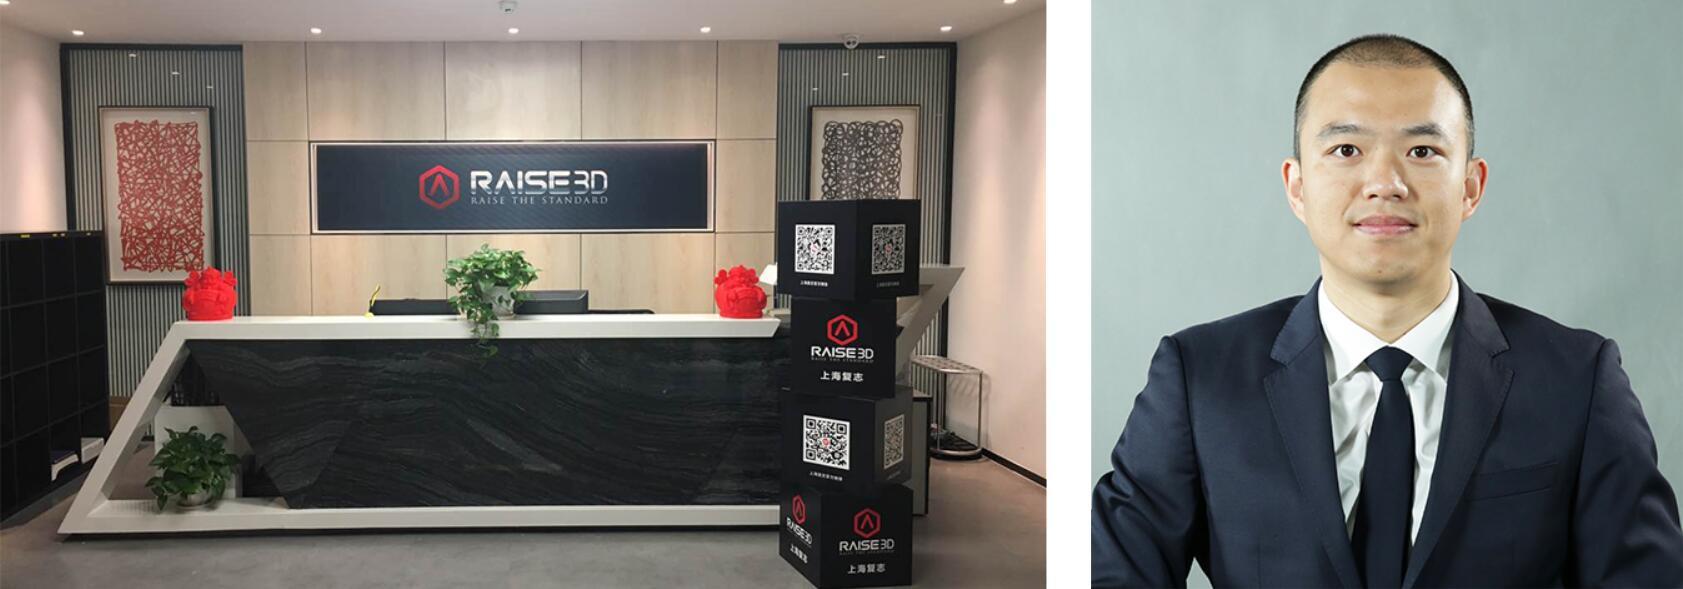 累计融资近亿元,Raise3D正式进军中国市场